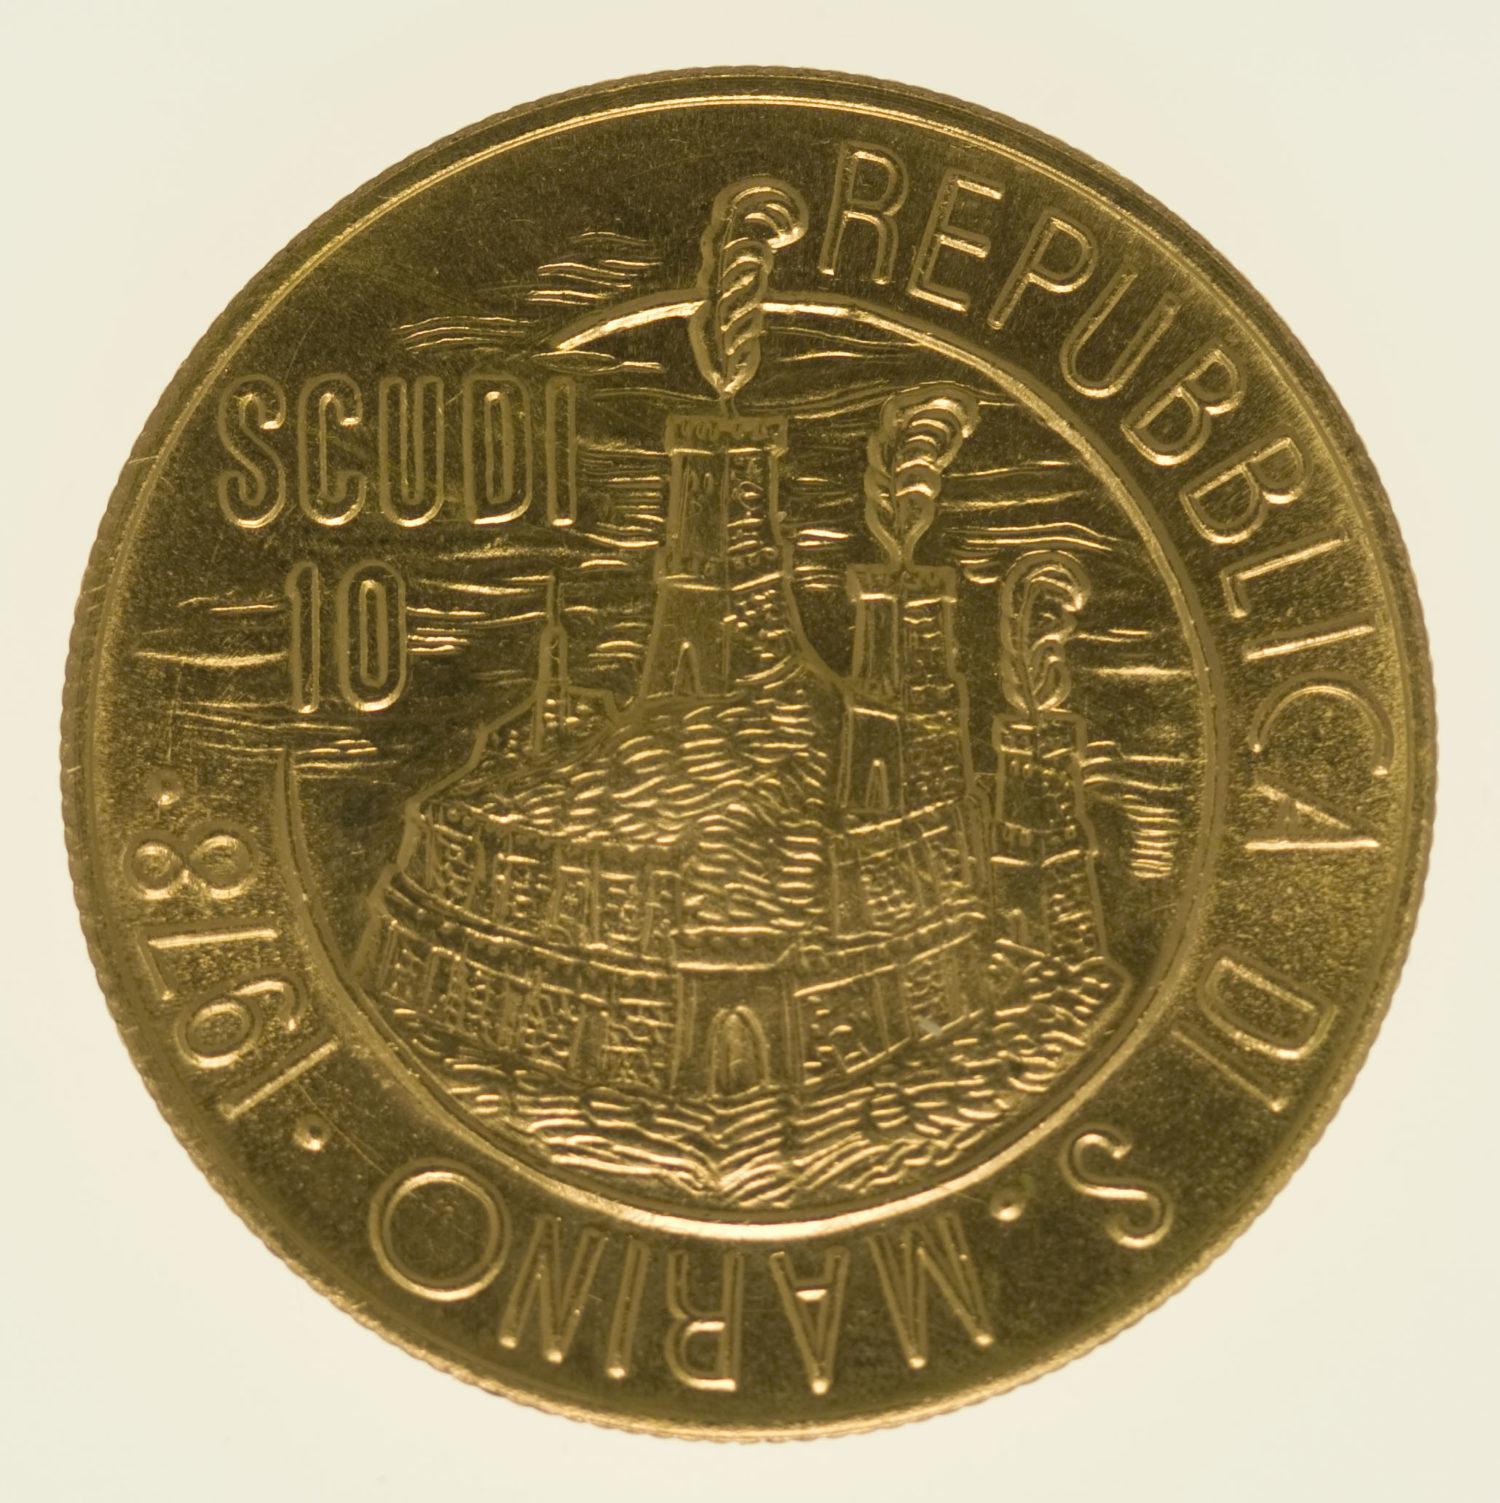 san-marino - San Marino 10 Scudi 1978